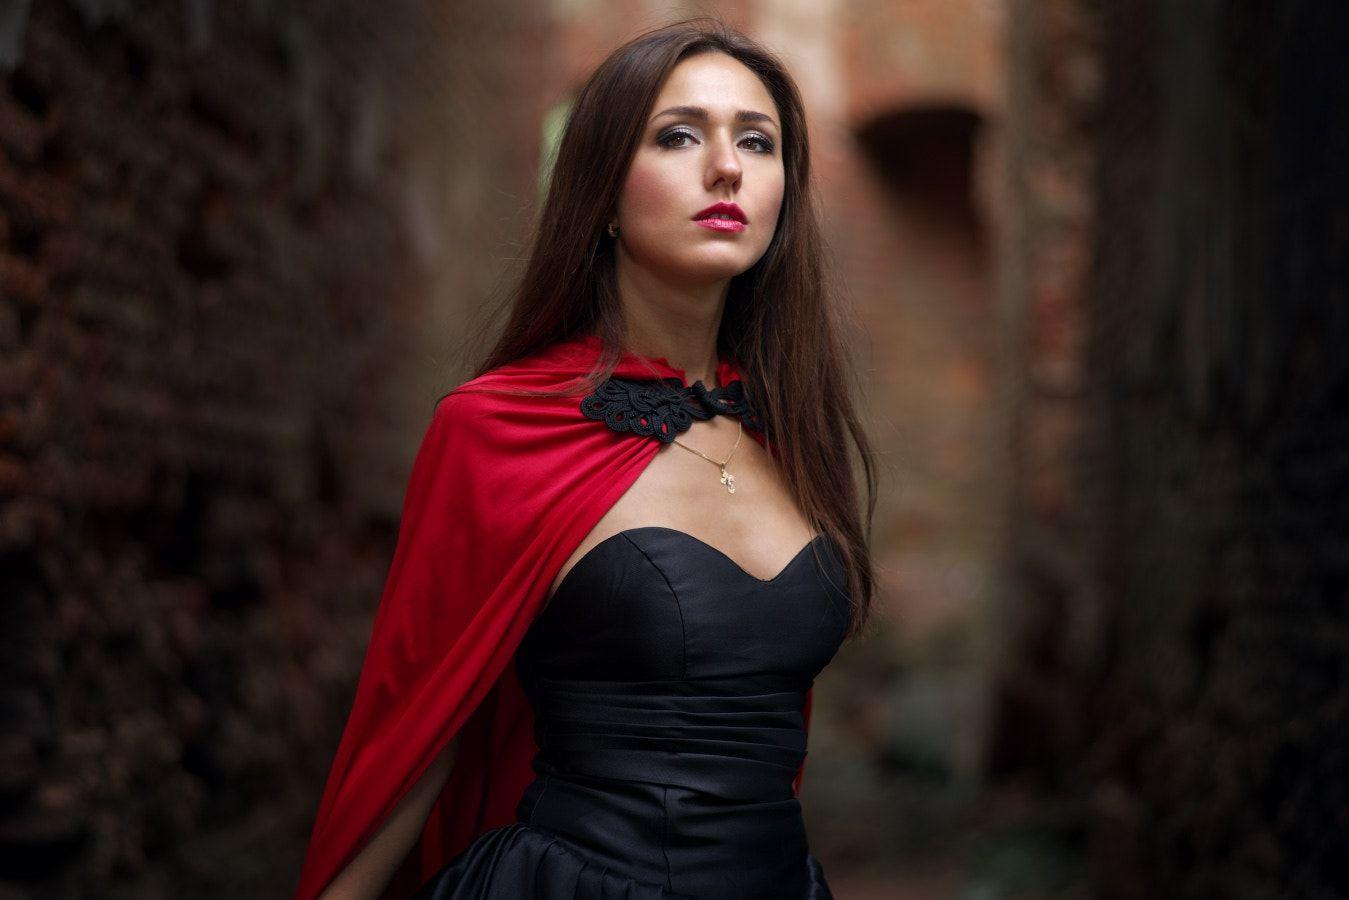 Elena - Model: Elena